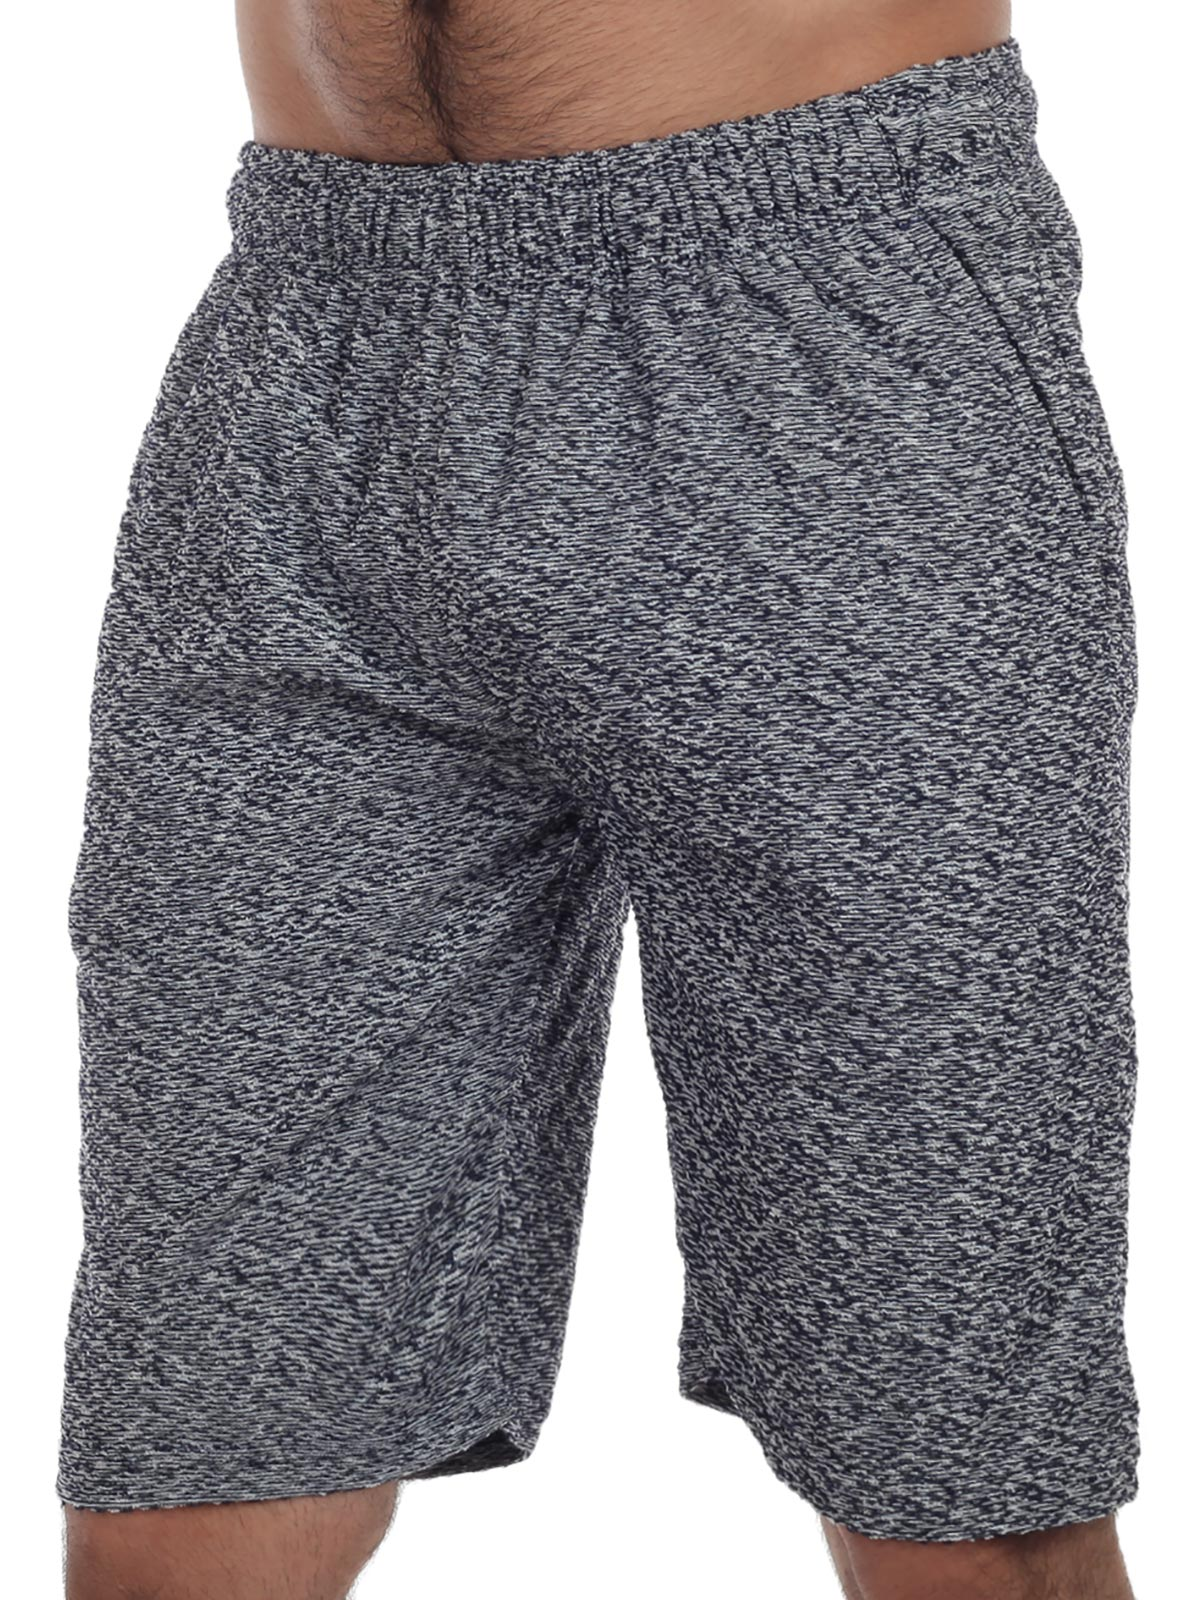 Купить в интернет магазине удобные мужские шорты Growth by Grail